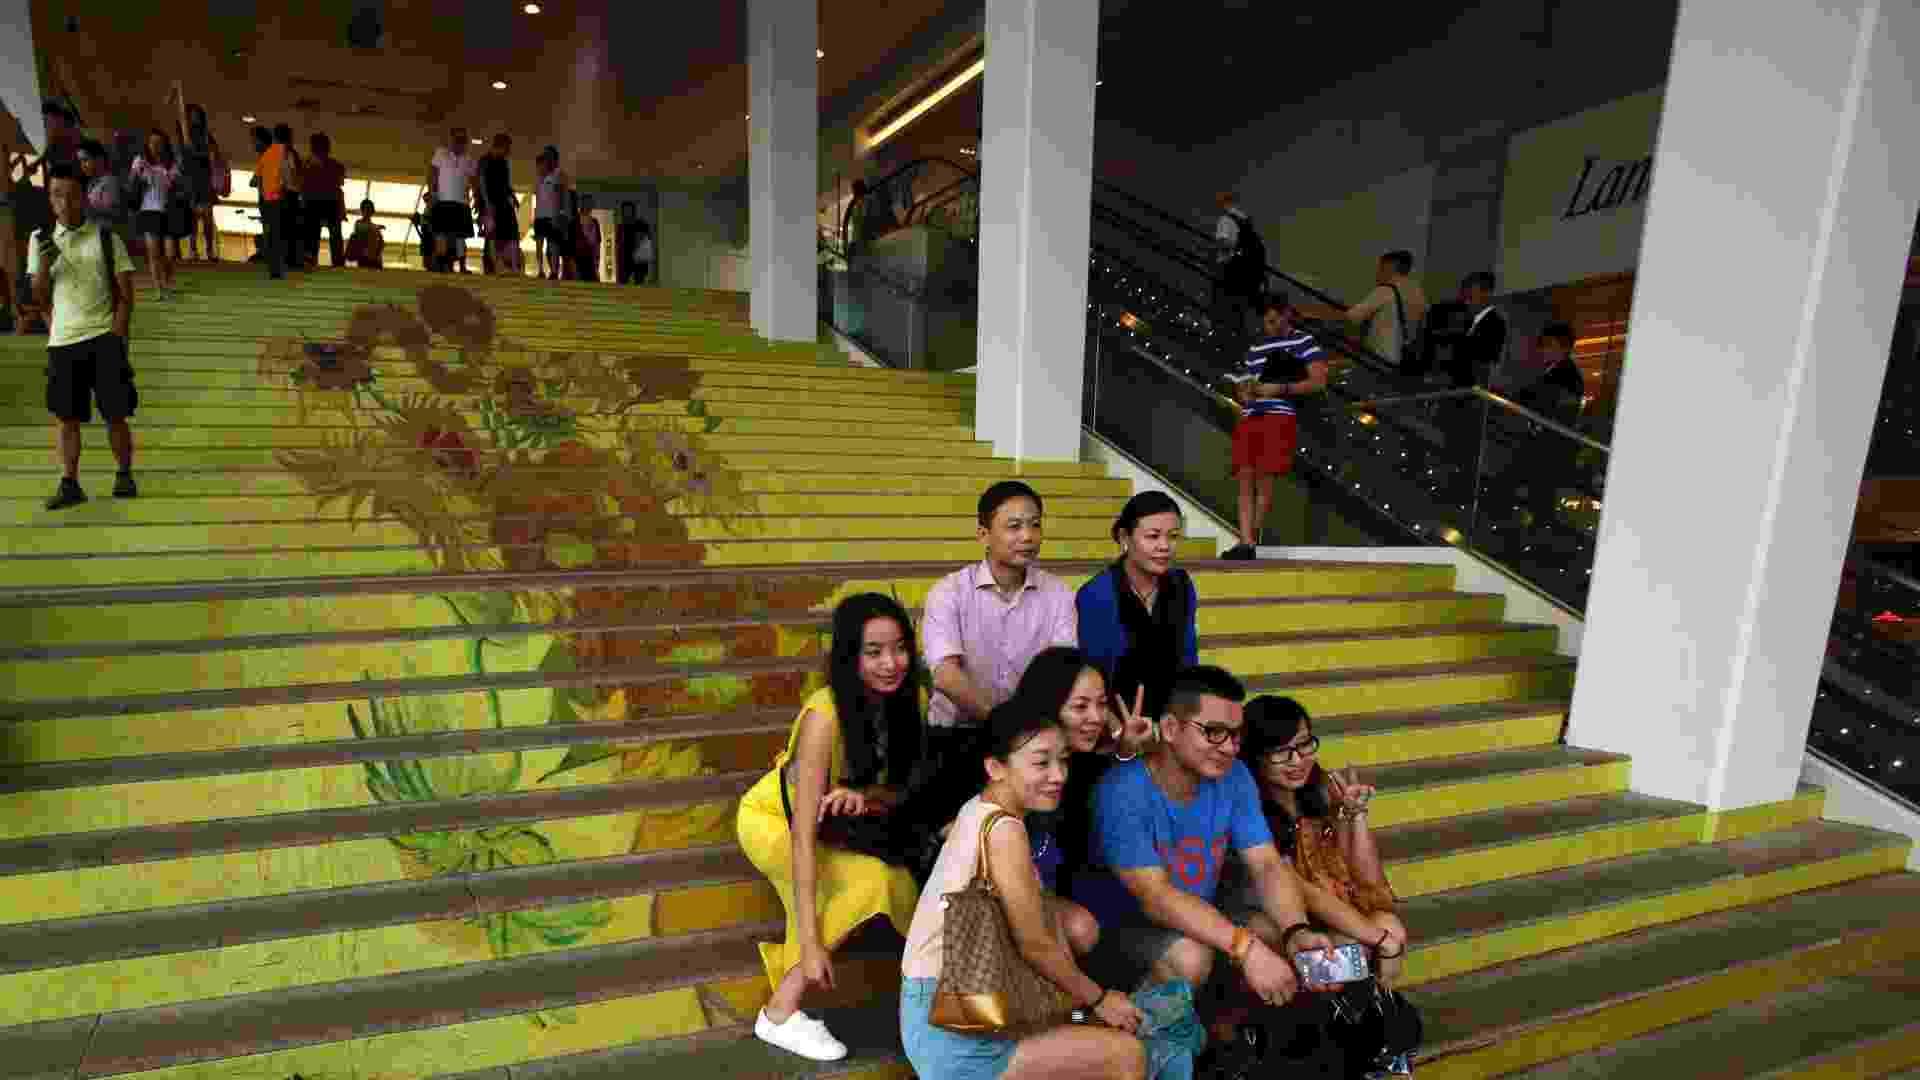 """15.jul.2013 - Grupo posa em escadaria com reprodução de """"Os Girassóis"""", de Van Gogh, em Hong Kong.  Criada em conjunto com o Museu Van Gogh, em Amsterdã, a coleção tem reproduções de quadros do artista com alta qualidade e da forma mais fiel possível. A mostra tem, além de """"Os Girassóis"""", obras como """"Amendoeira em Flor"""" e """"Boulevard de Clichy"""". Montada em um shopping na zona portuária, a exposição vai até o dia 4 de agosto - Bobby Yip/Reuters"""